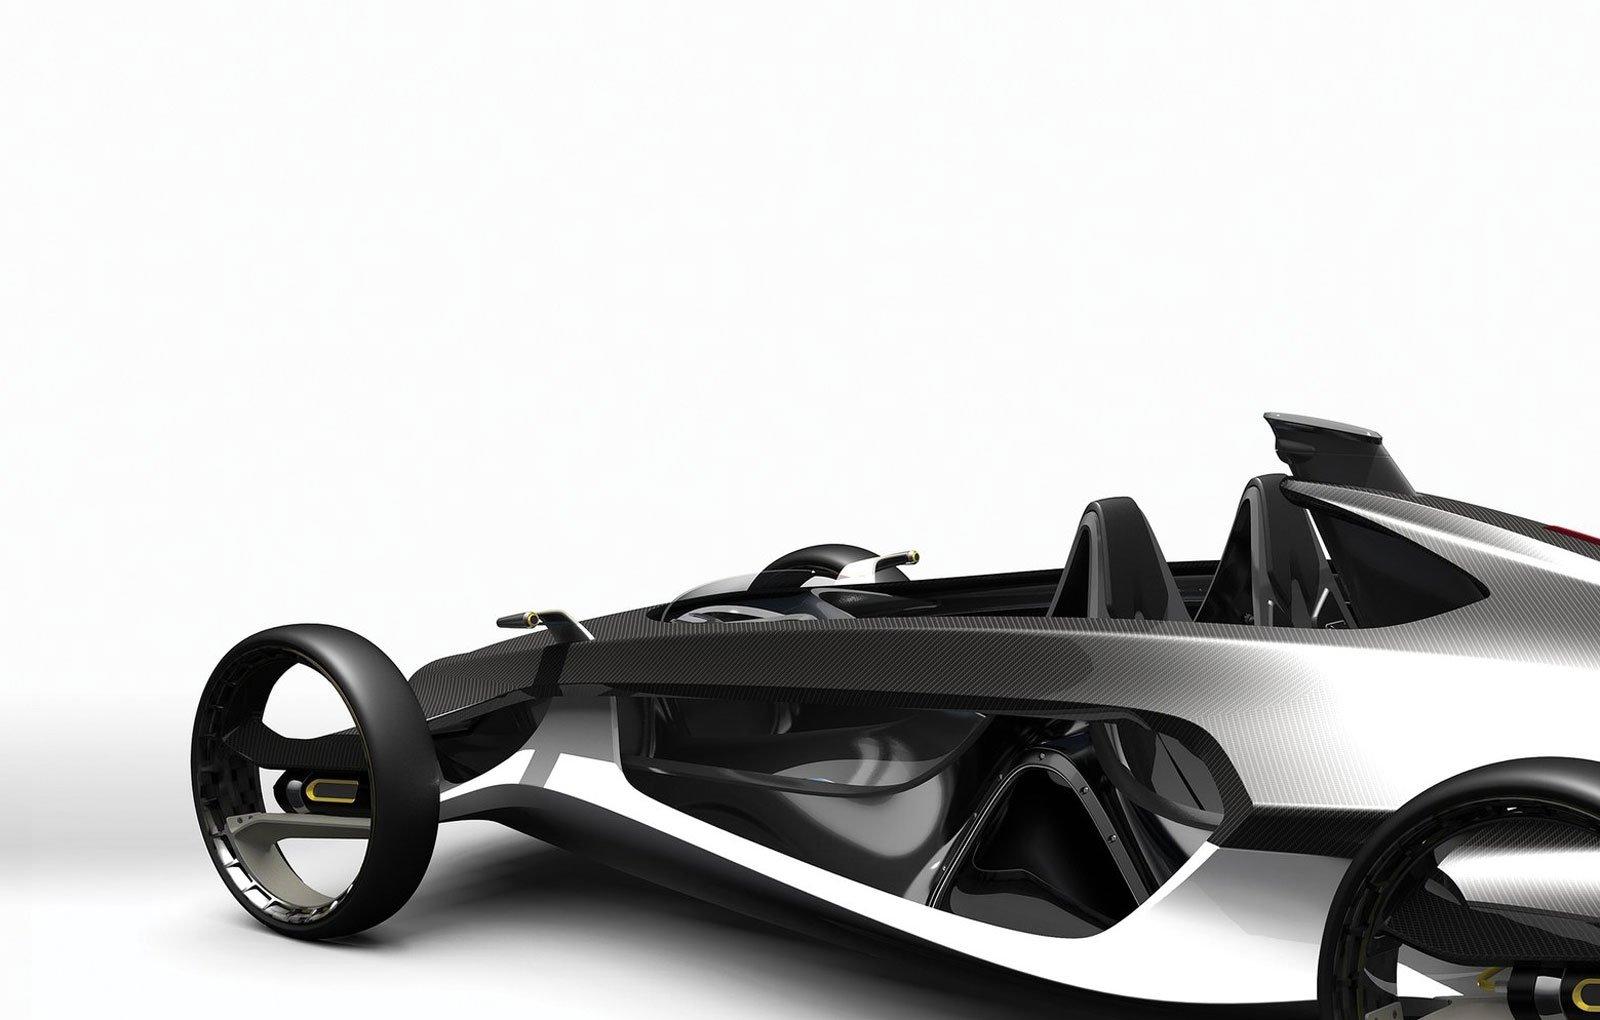 Ideenskizze für ein Chassis: Entwickler posten auf Local Motors Ideen für Autoentwürfe der Zukunft. Im Bild der Entwurf für eine Karosserie, die durch den 3D-Druck entstehen könnte.